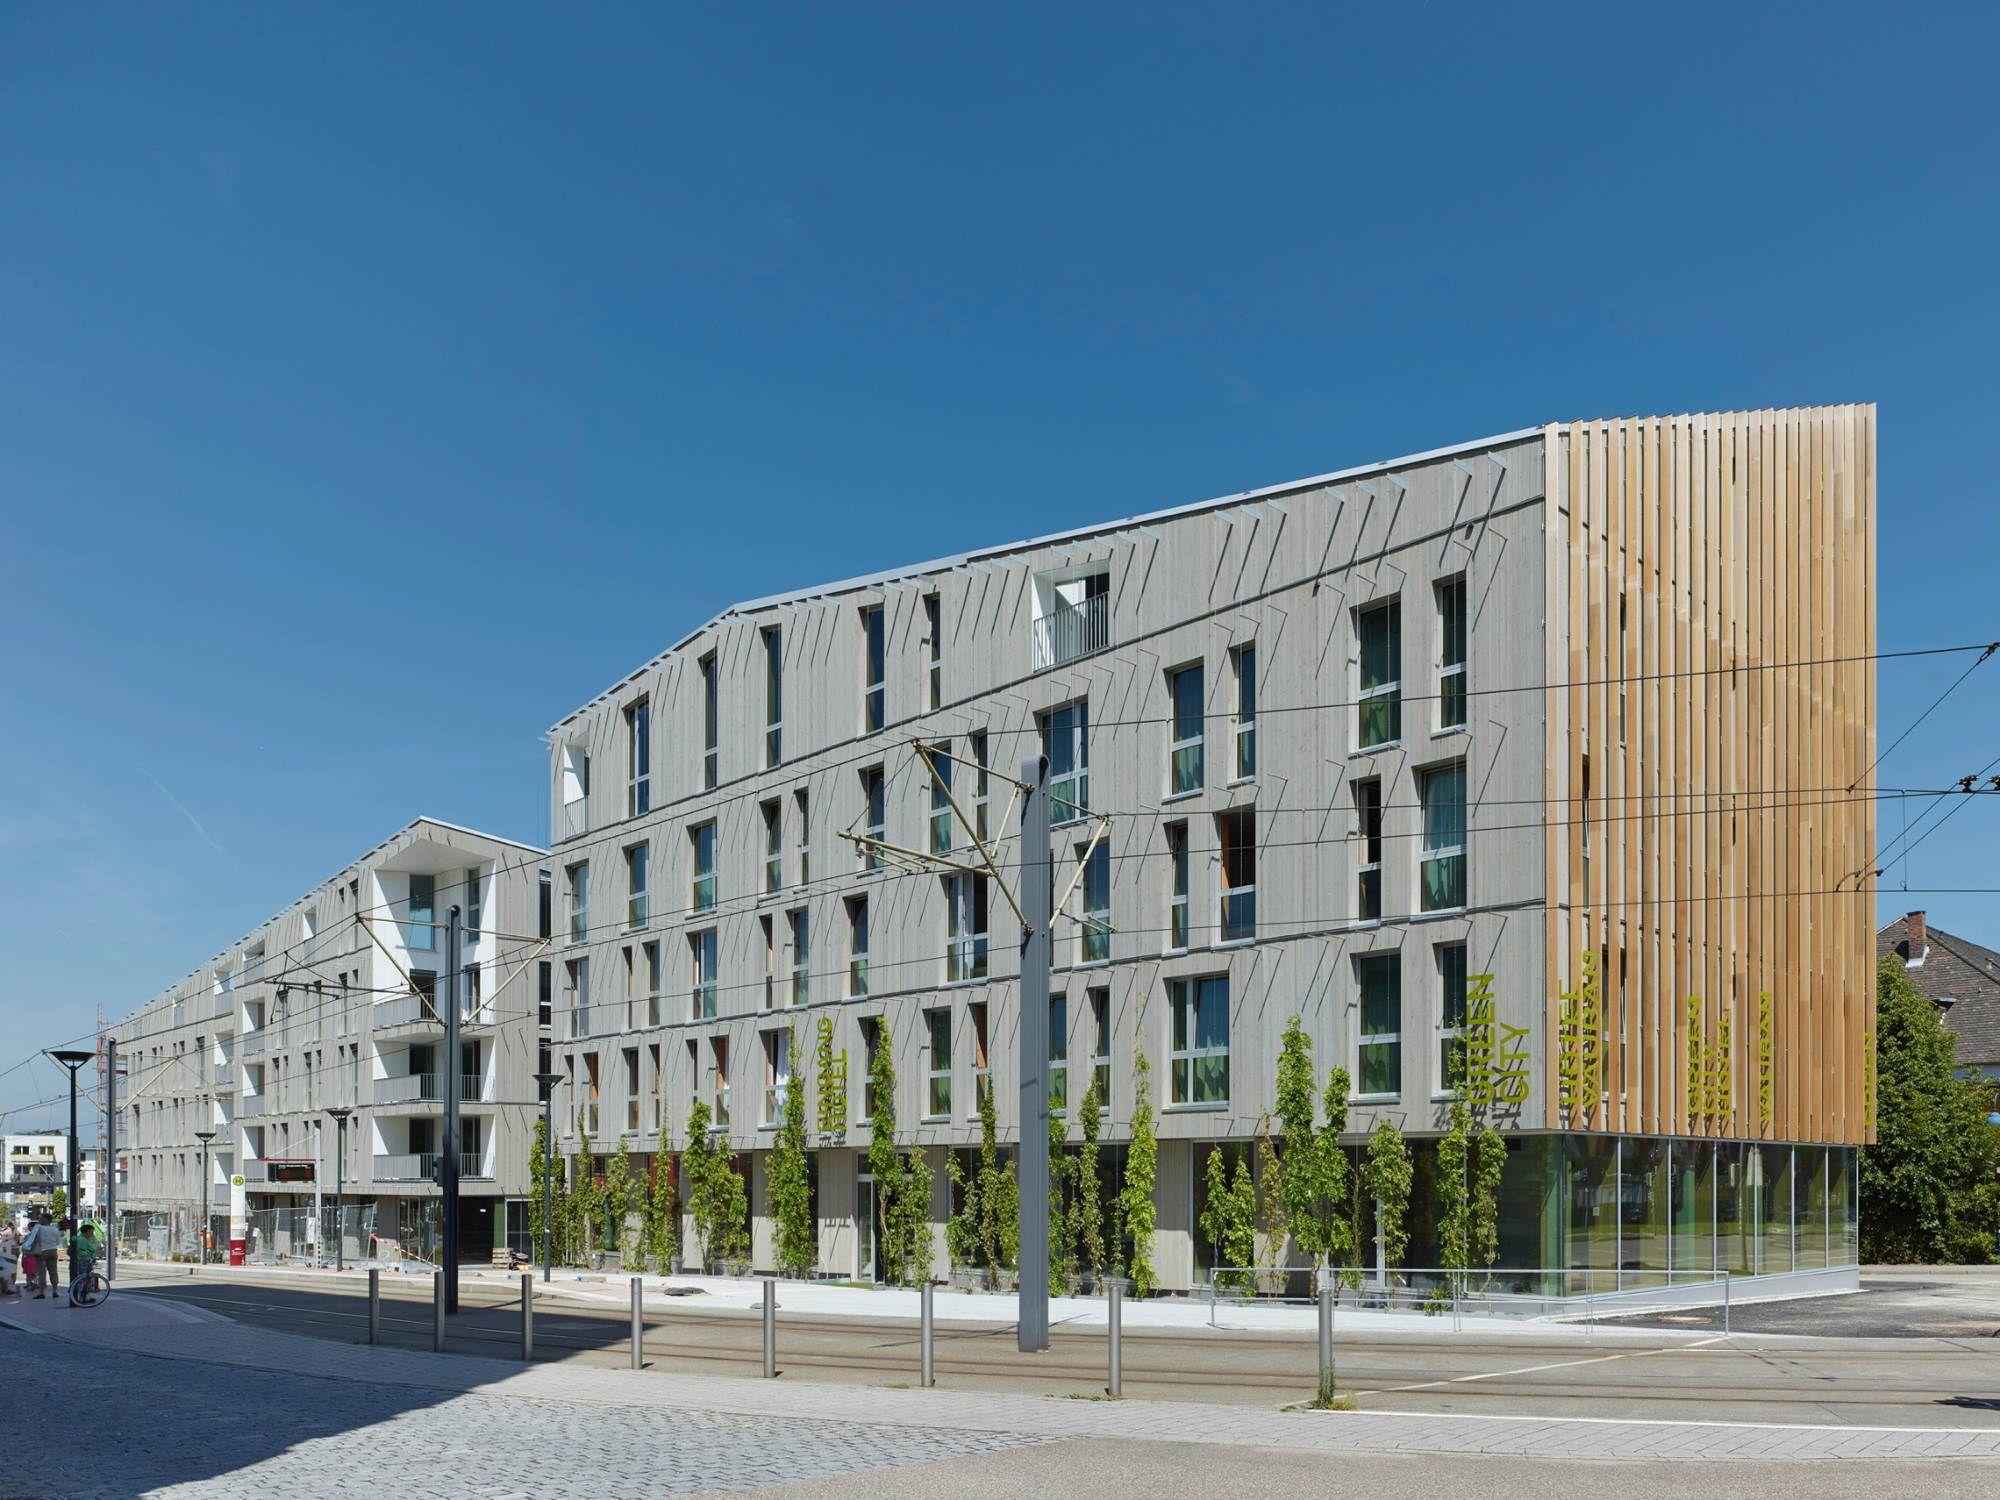 Häring-Auszeichnungen des BDA Freiburg / Schönes und Fragwürdiges - Architektur und Architekten - News / Meldungen / Nachrichten - BauNetz.de